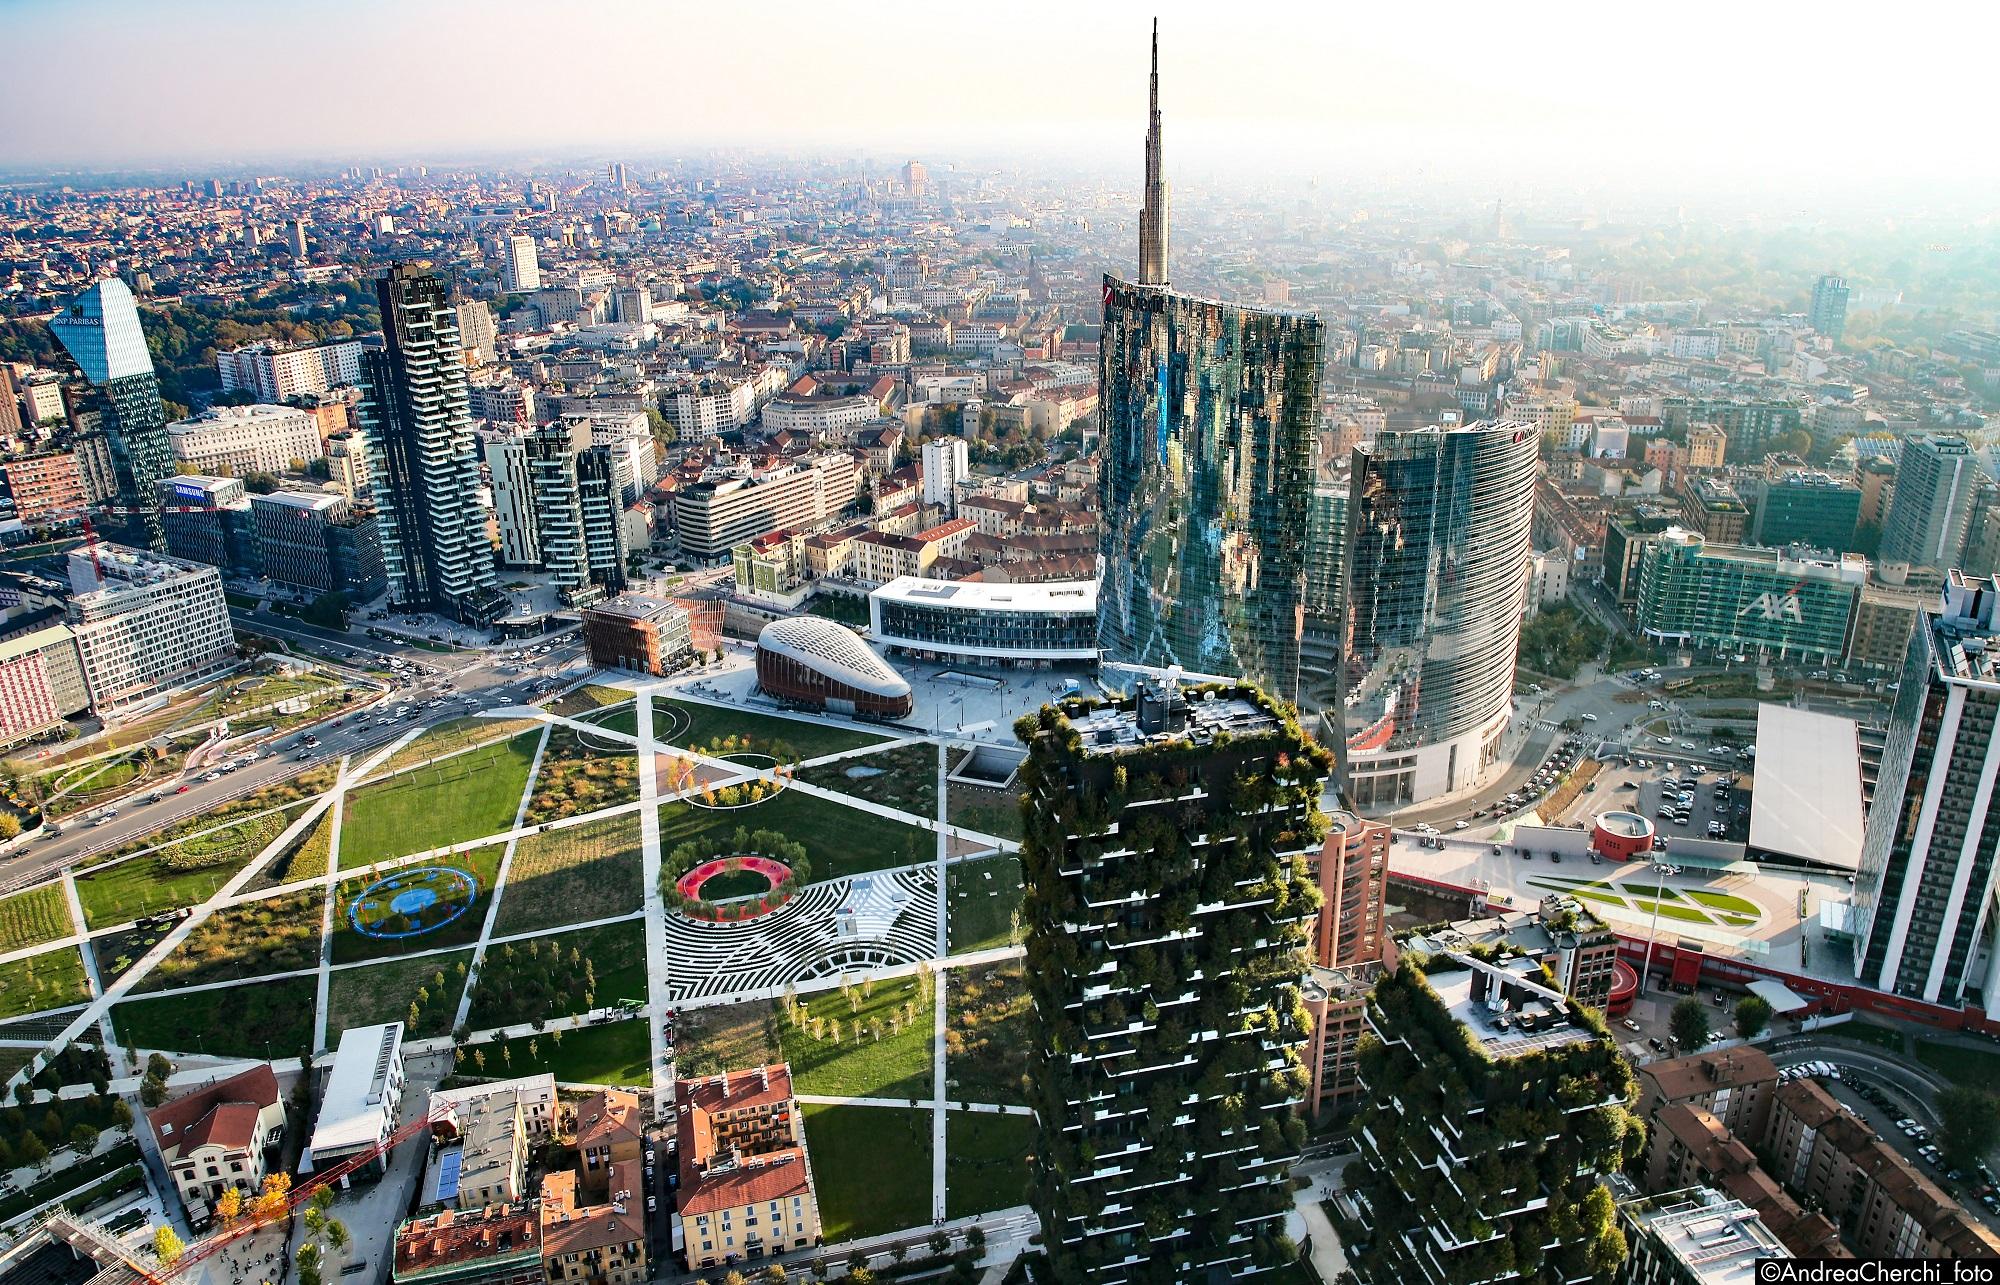 <p>Het nieuwe stadspark in de nabijheid van station Garibaldi (rechts op de foto). Op de voorgrond beide torens van het Bosco Verticale door Stefano Boeri. Beeld Andrea Cherchi</p>